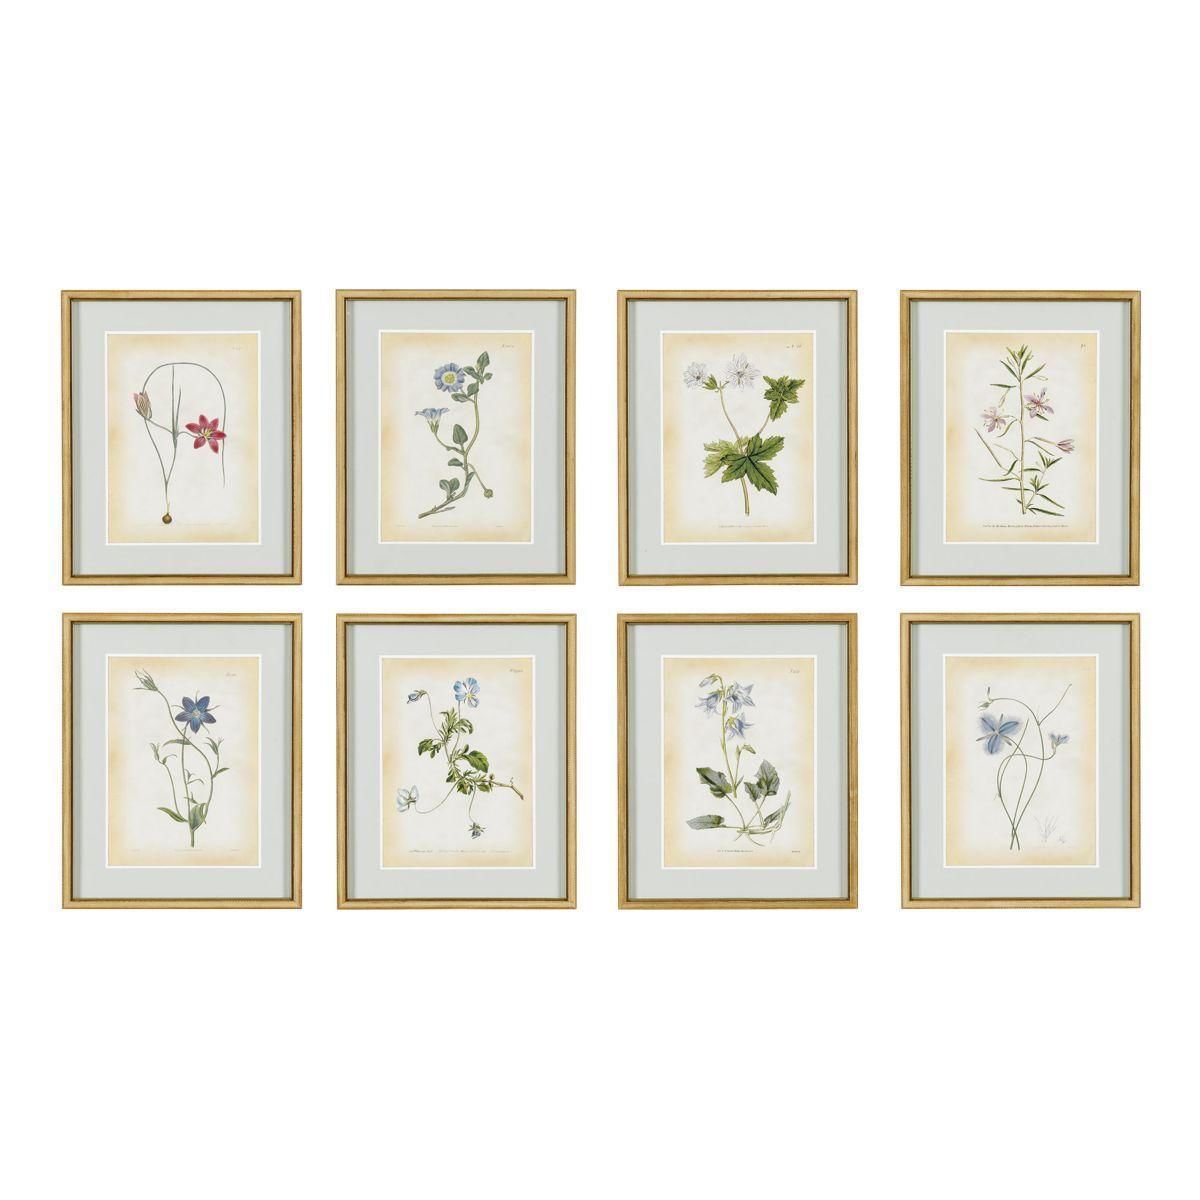 Curtis Botanical Framed Print Framed botanical prints